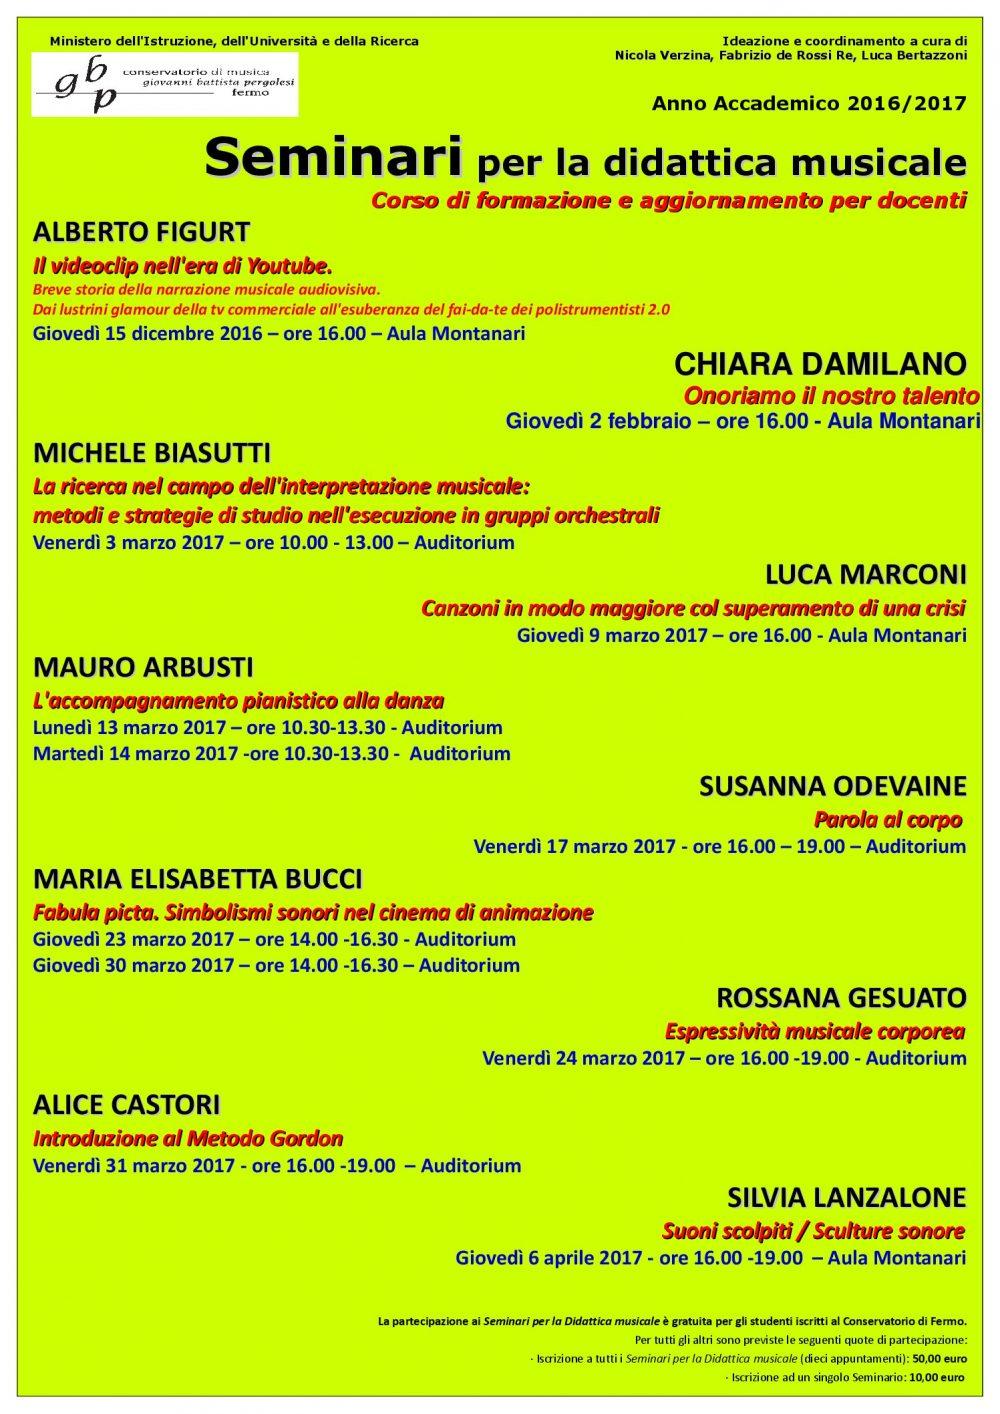 Locandina-Seminari-2017-2.2.2017